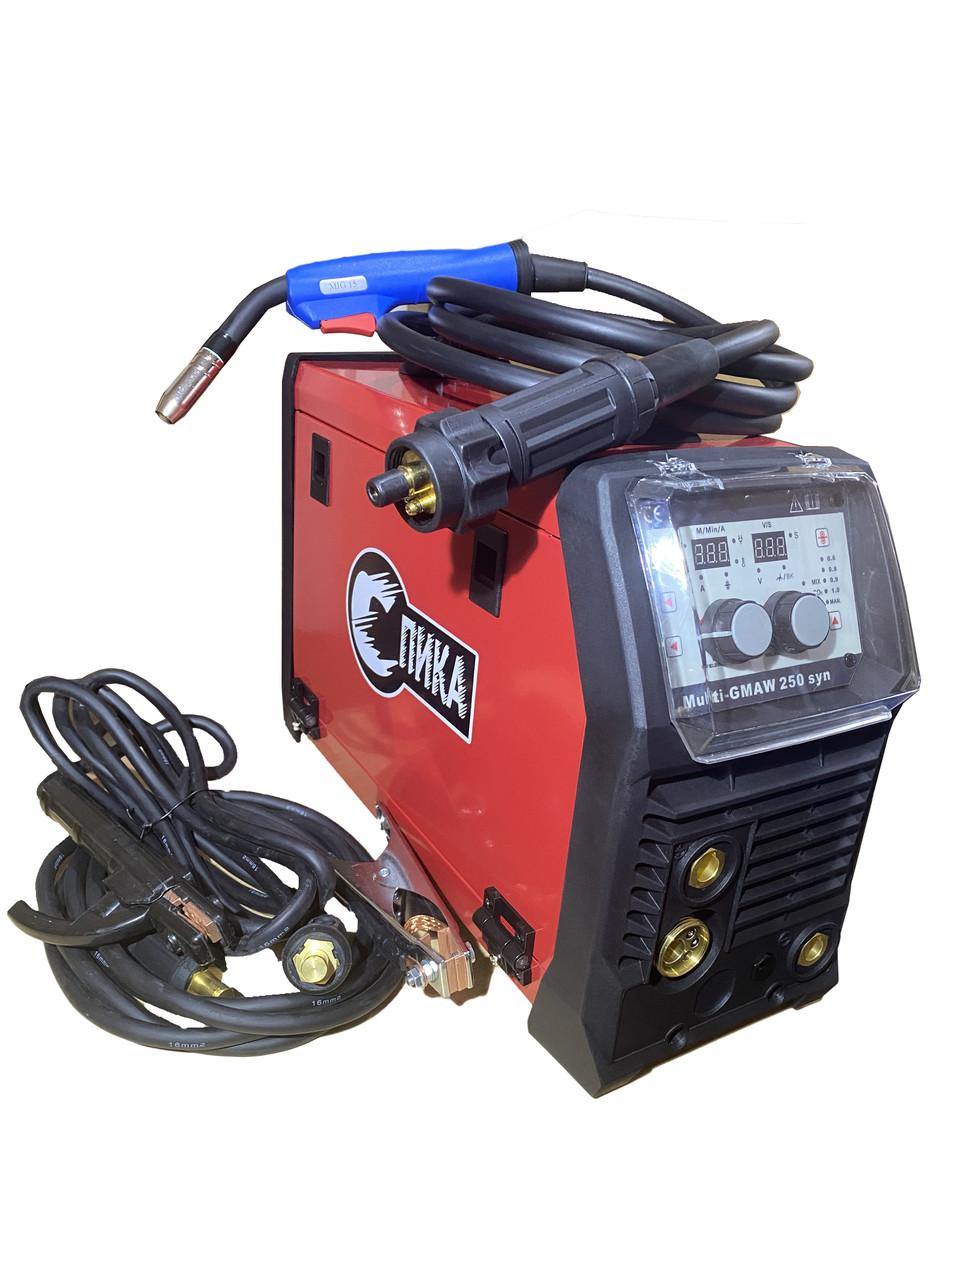 Сварочный полуавтомат инверторного типа СПИКА GMAW 250 syn